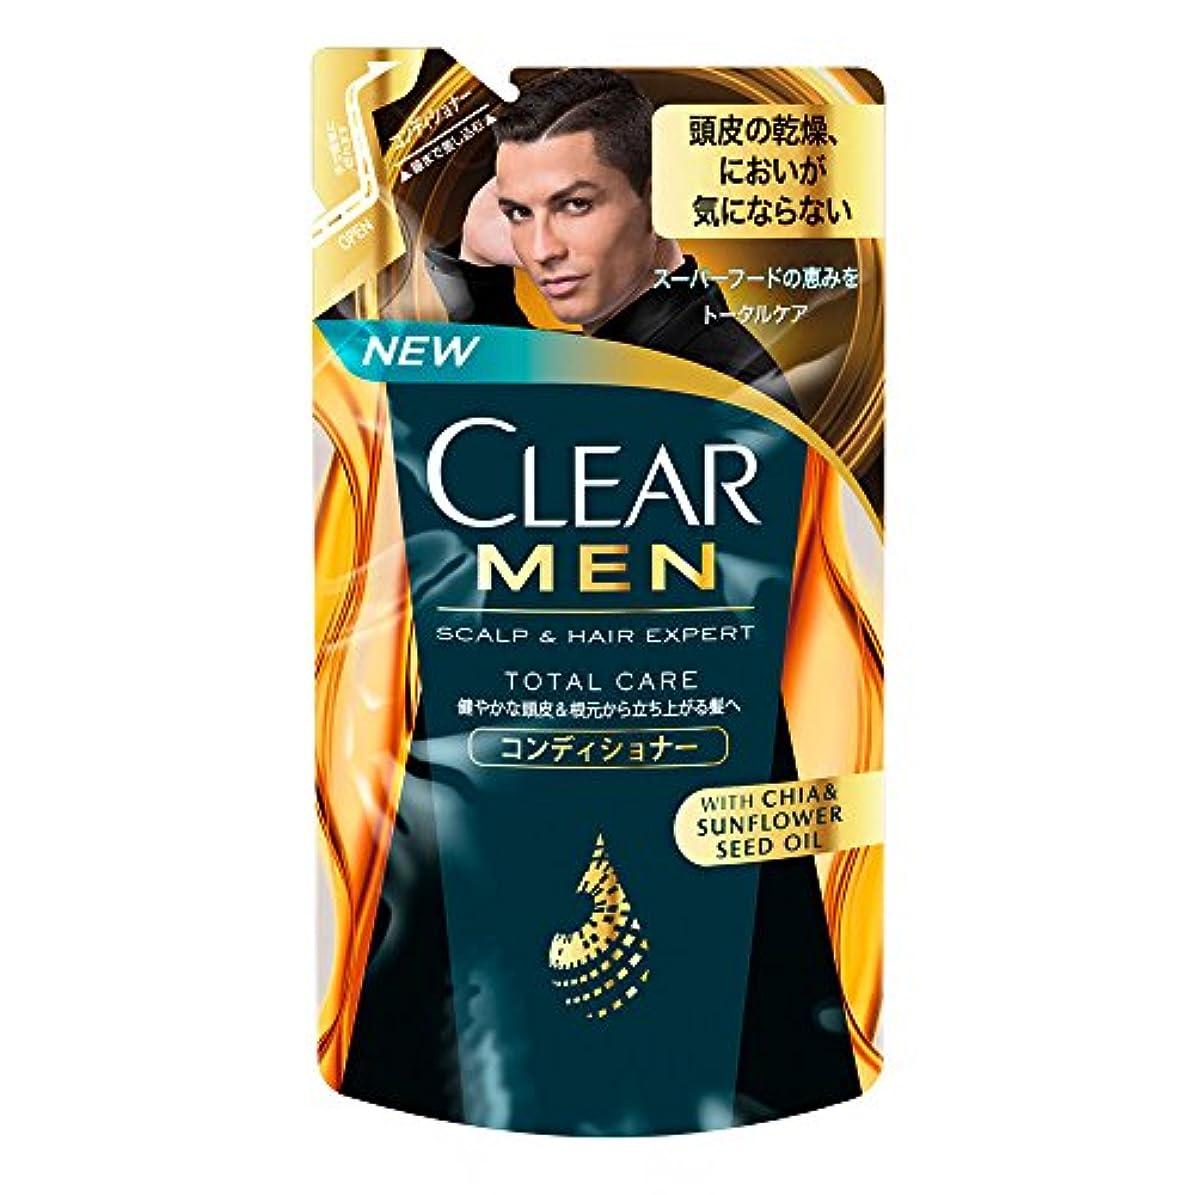 水曜日窒素縁石クリア フォーメン トータルケア 男性用コンディショナー つめかえ用 (健やかな頭皮へ) 280g